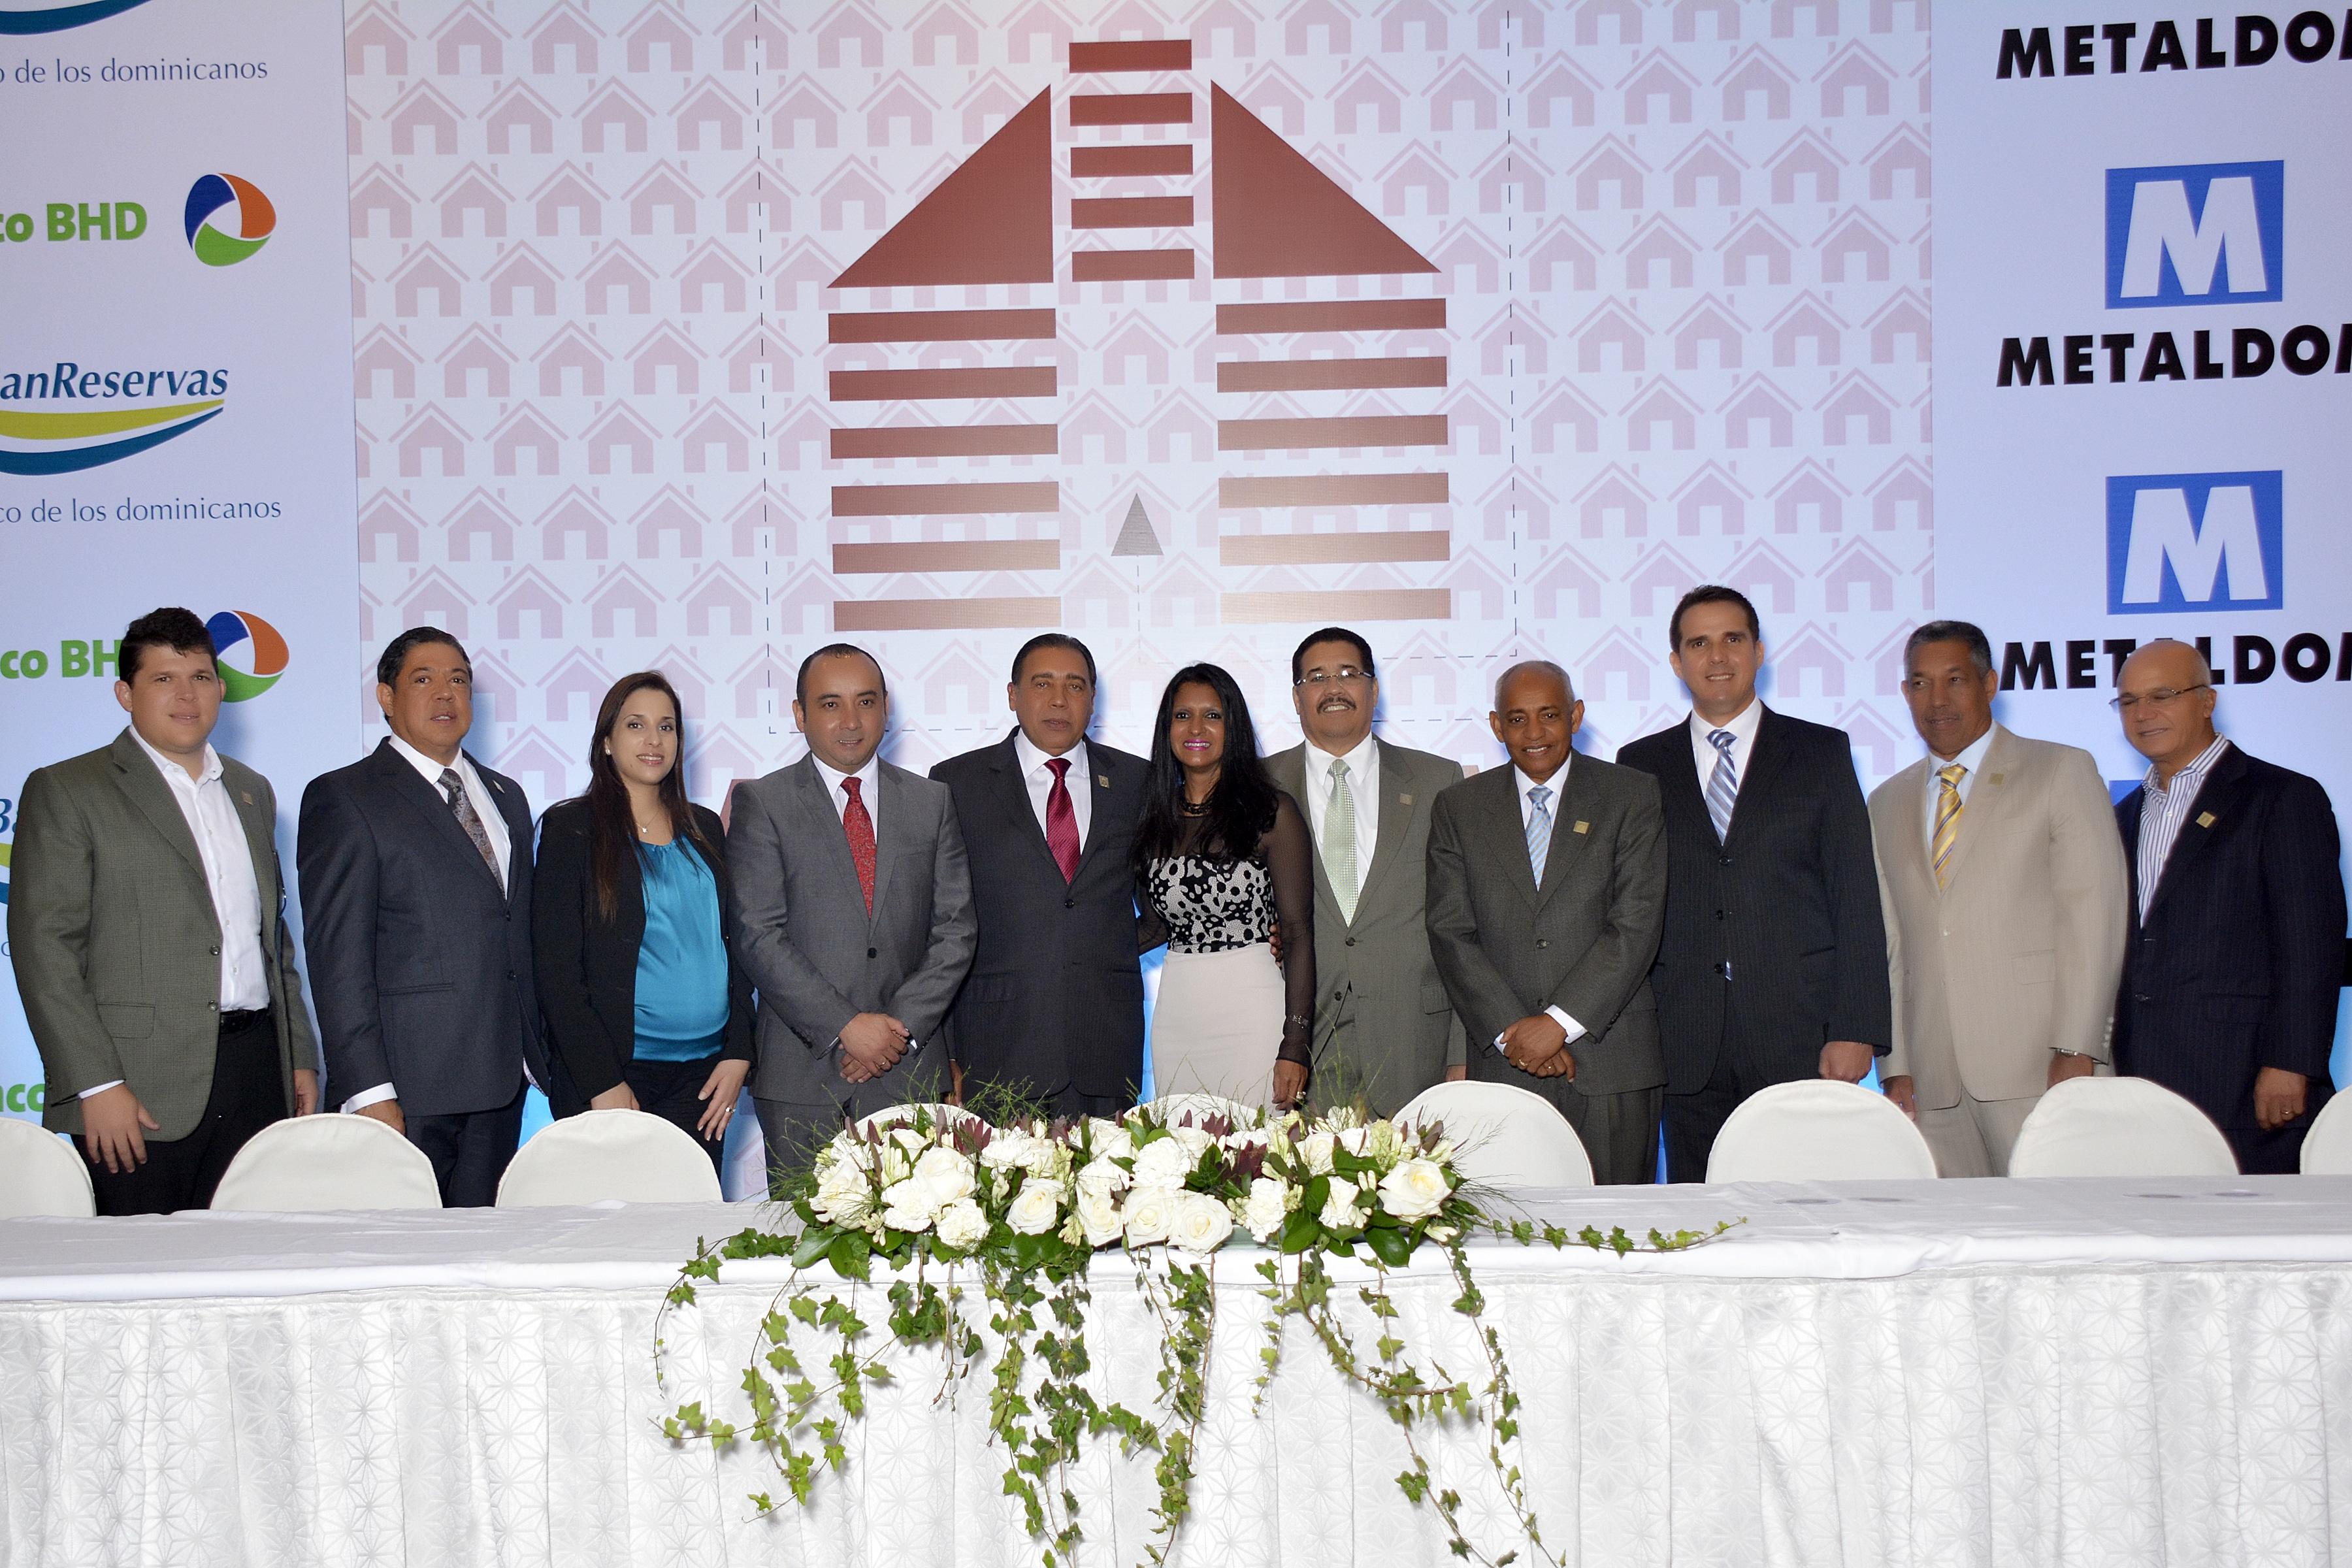 ACOPROVI - Asociacion Dominicana de contructores y promotores de vivienda